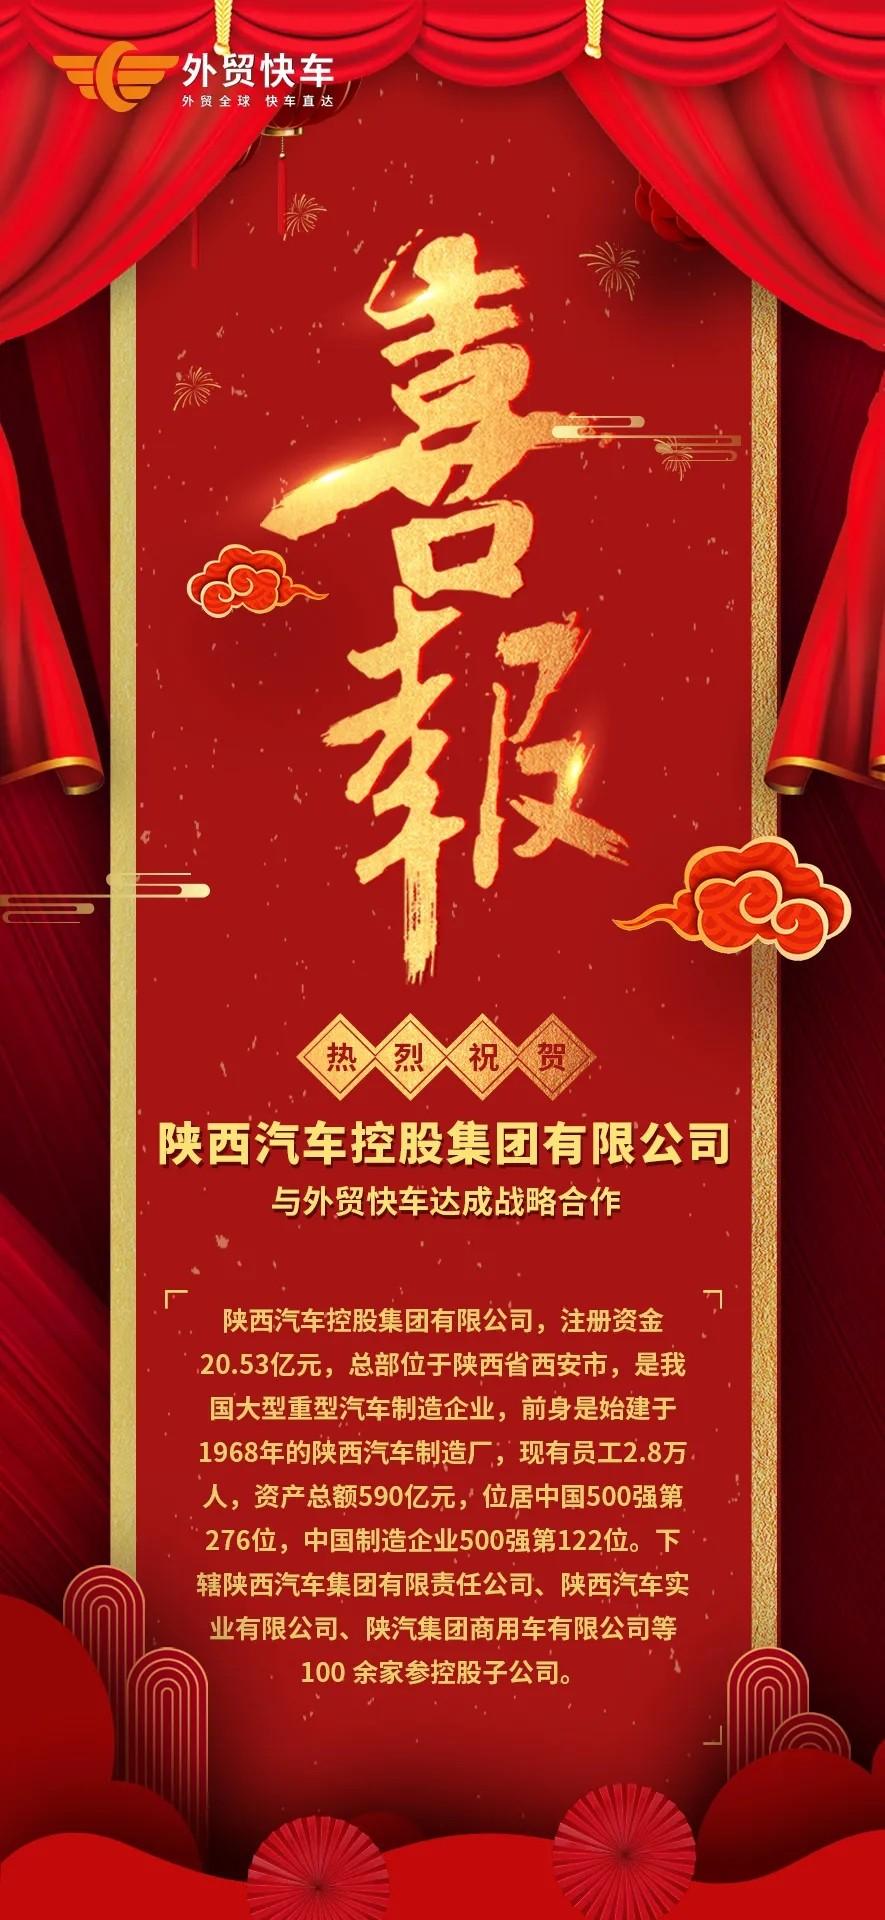 热烈庆祝陕汽集团与外贸快车达成战略合作!